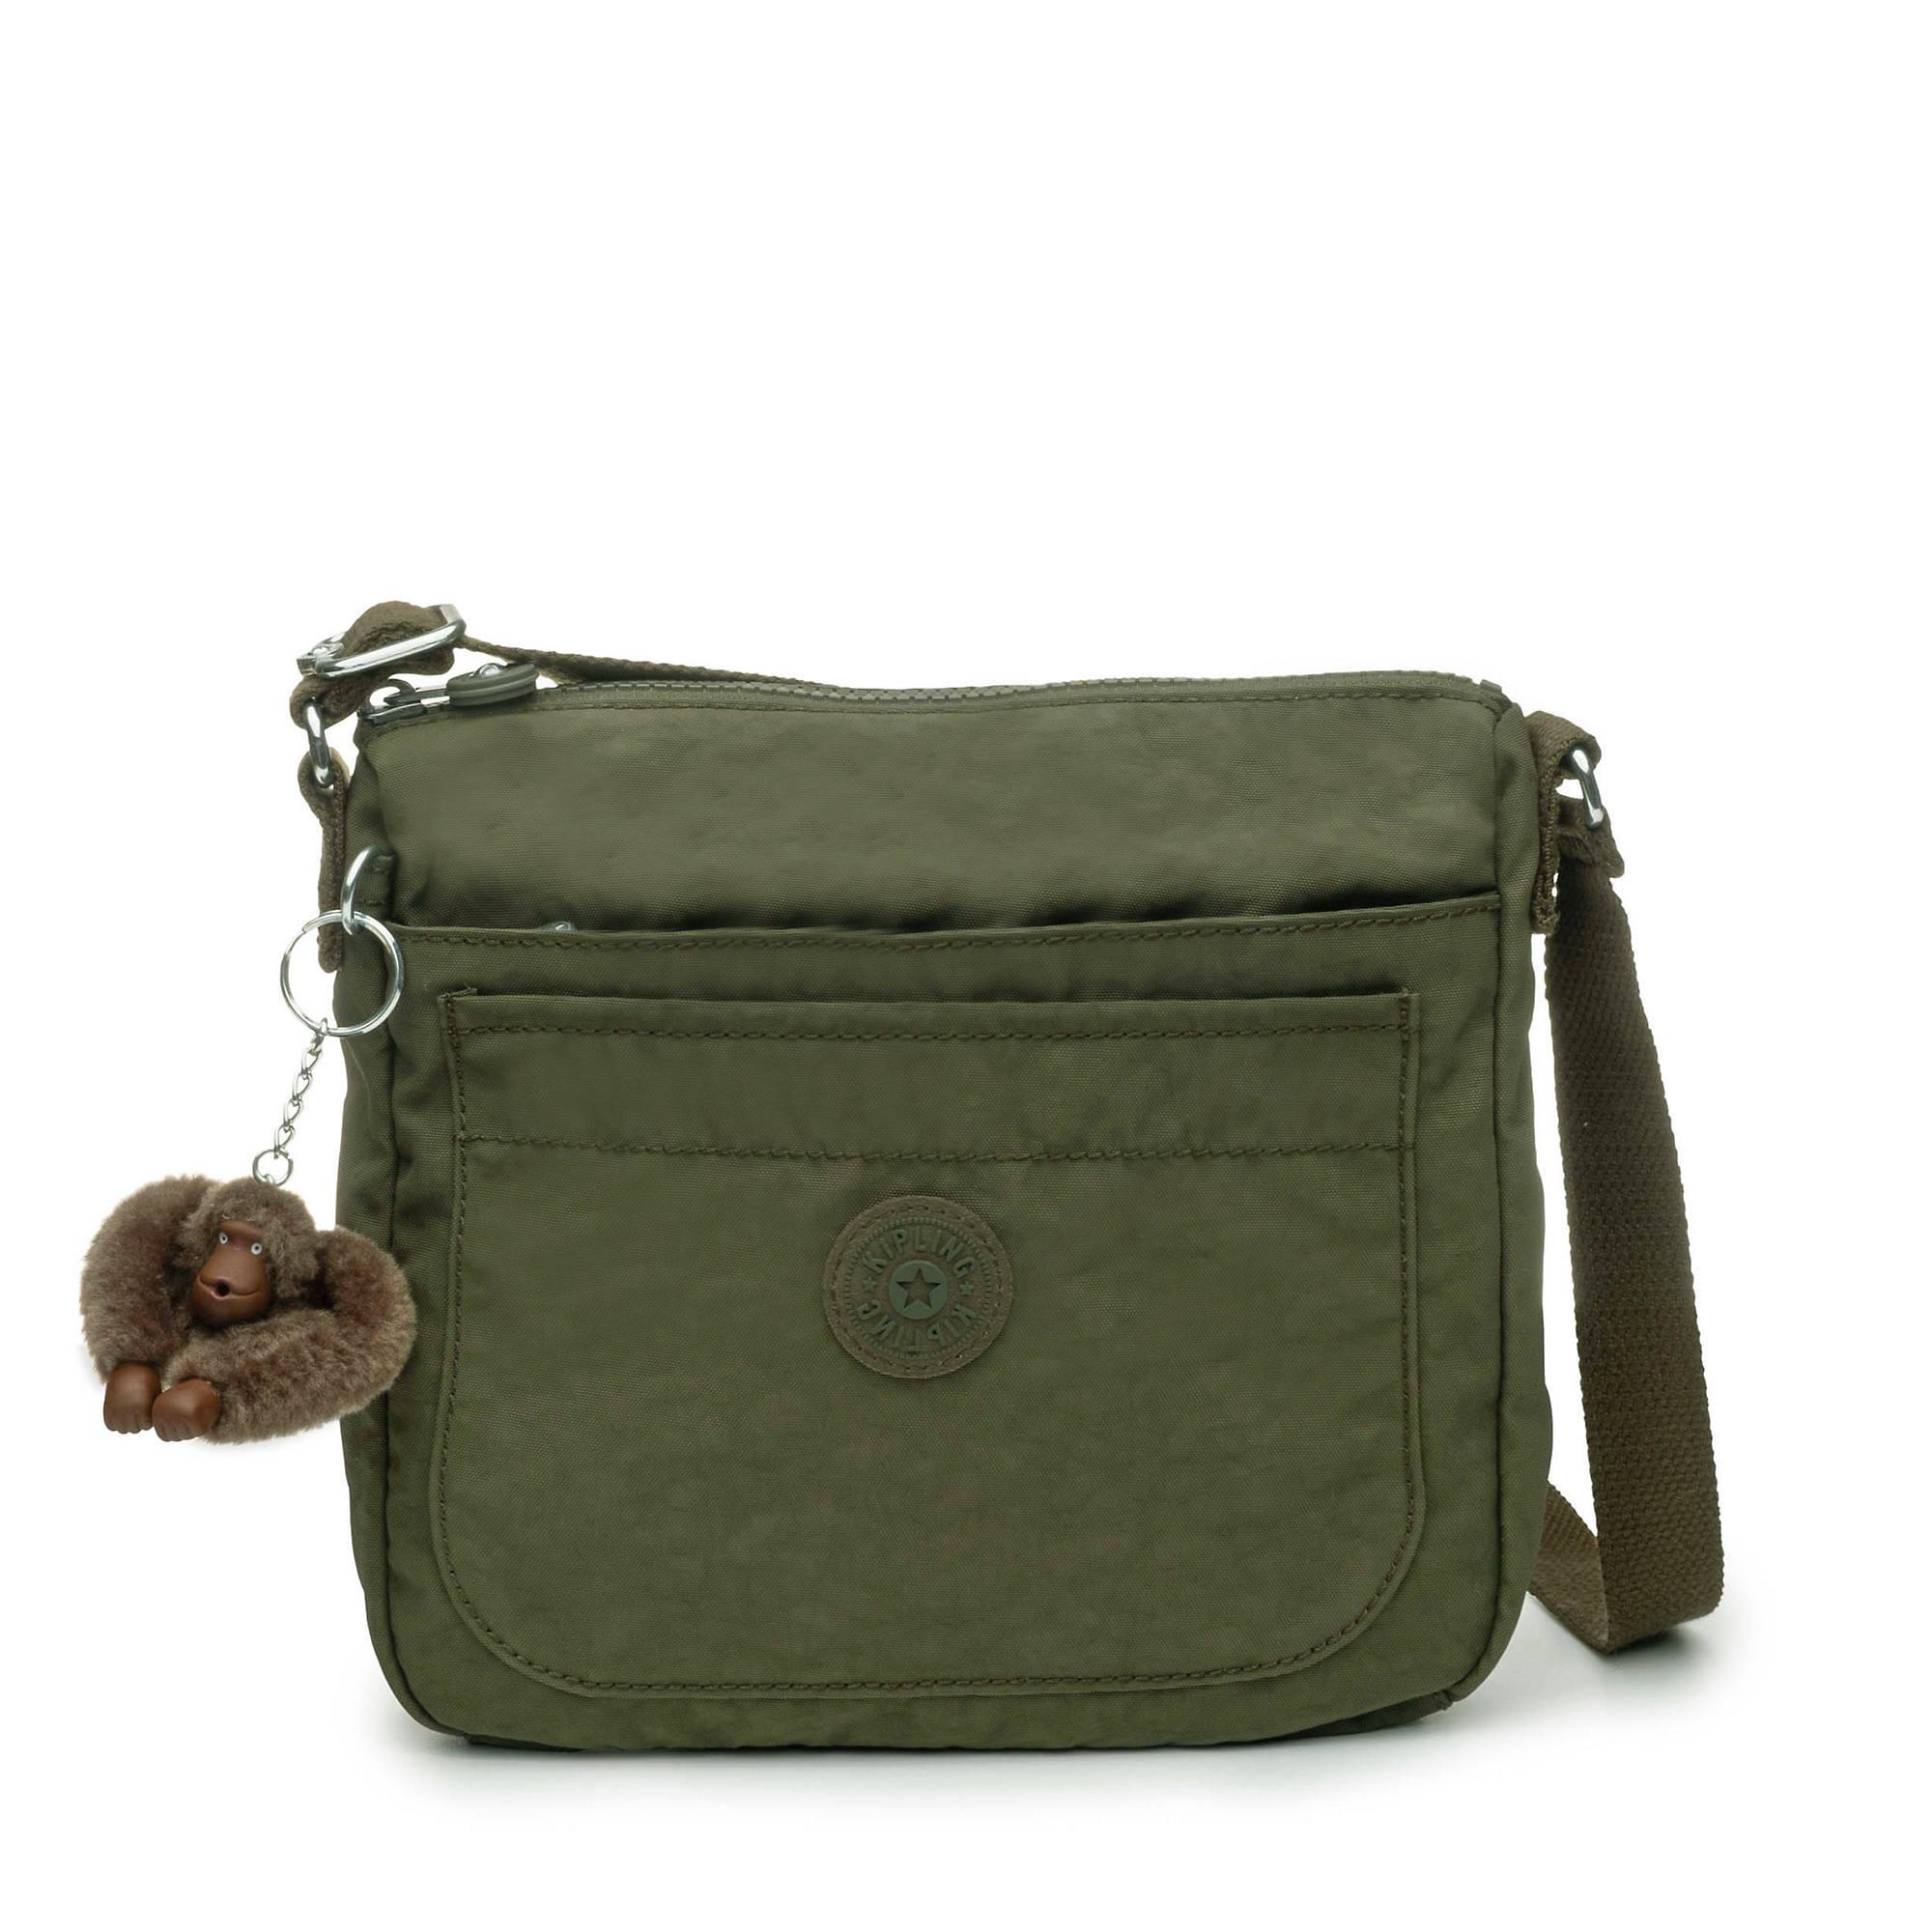 24110b4c18 Sebastian Crossbody Bag,Jaded Green Tonal Zipper,large